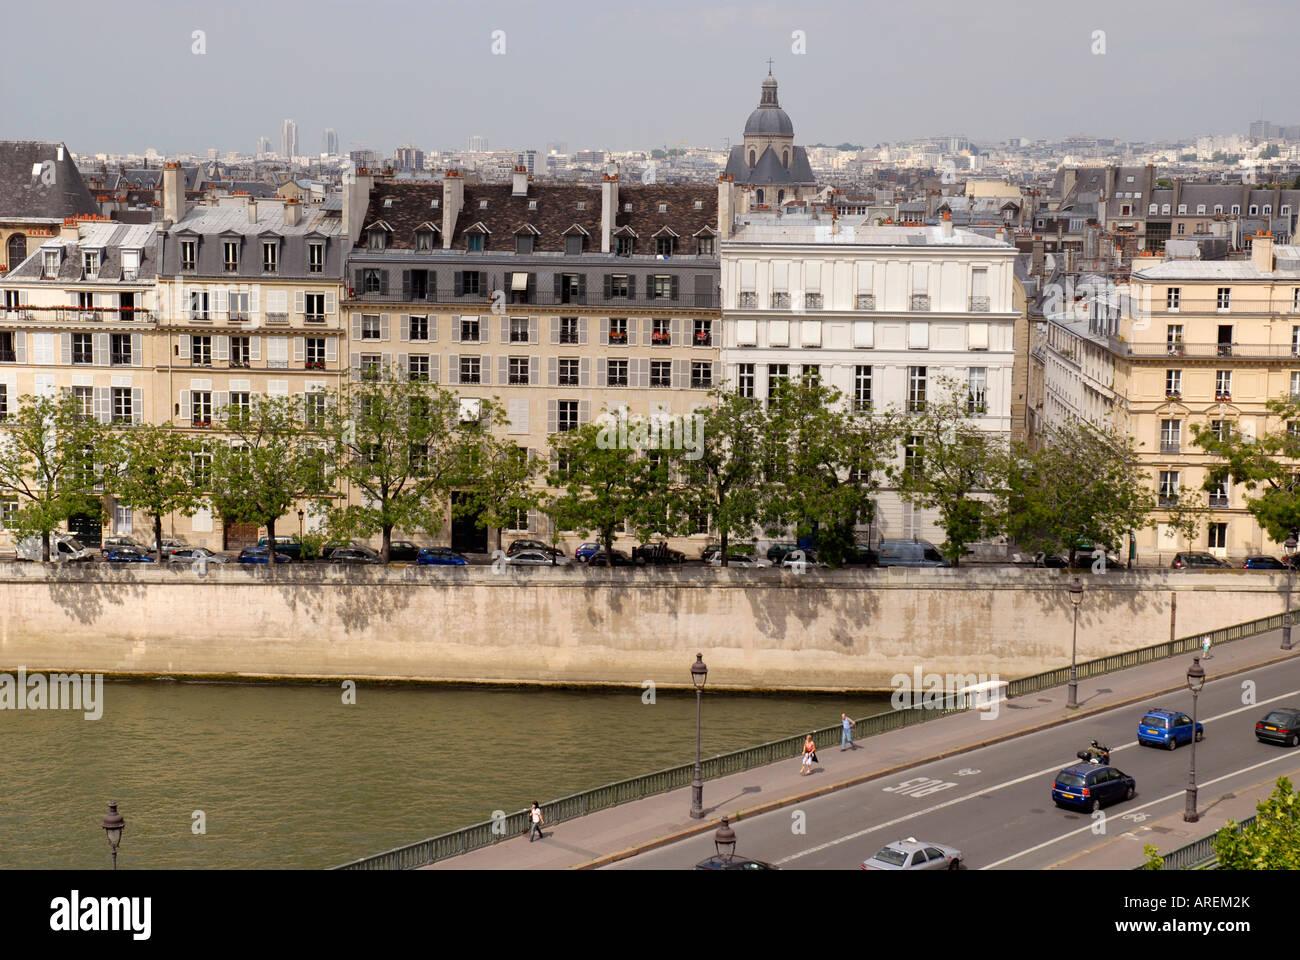 Ile Saint Louis island Seine river Pont de Sully bridge Old Paris France - Stock Image